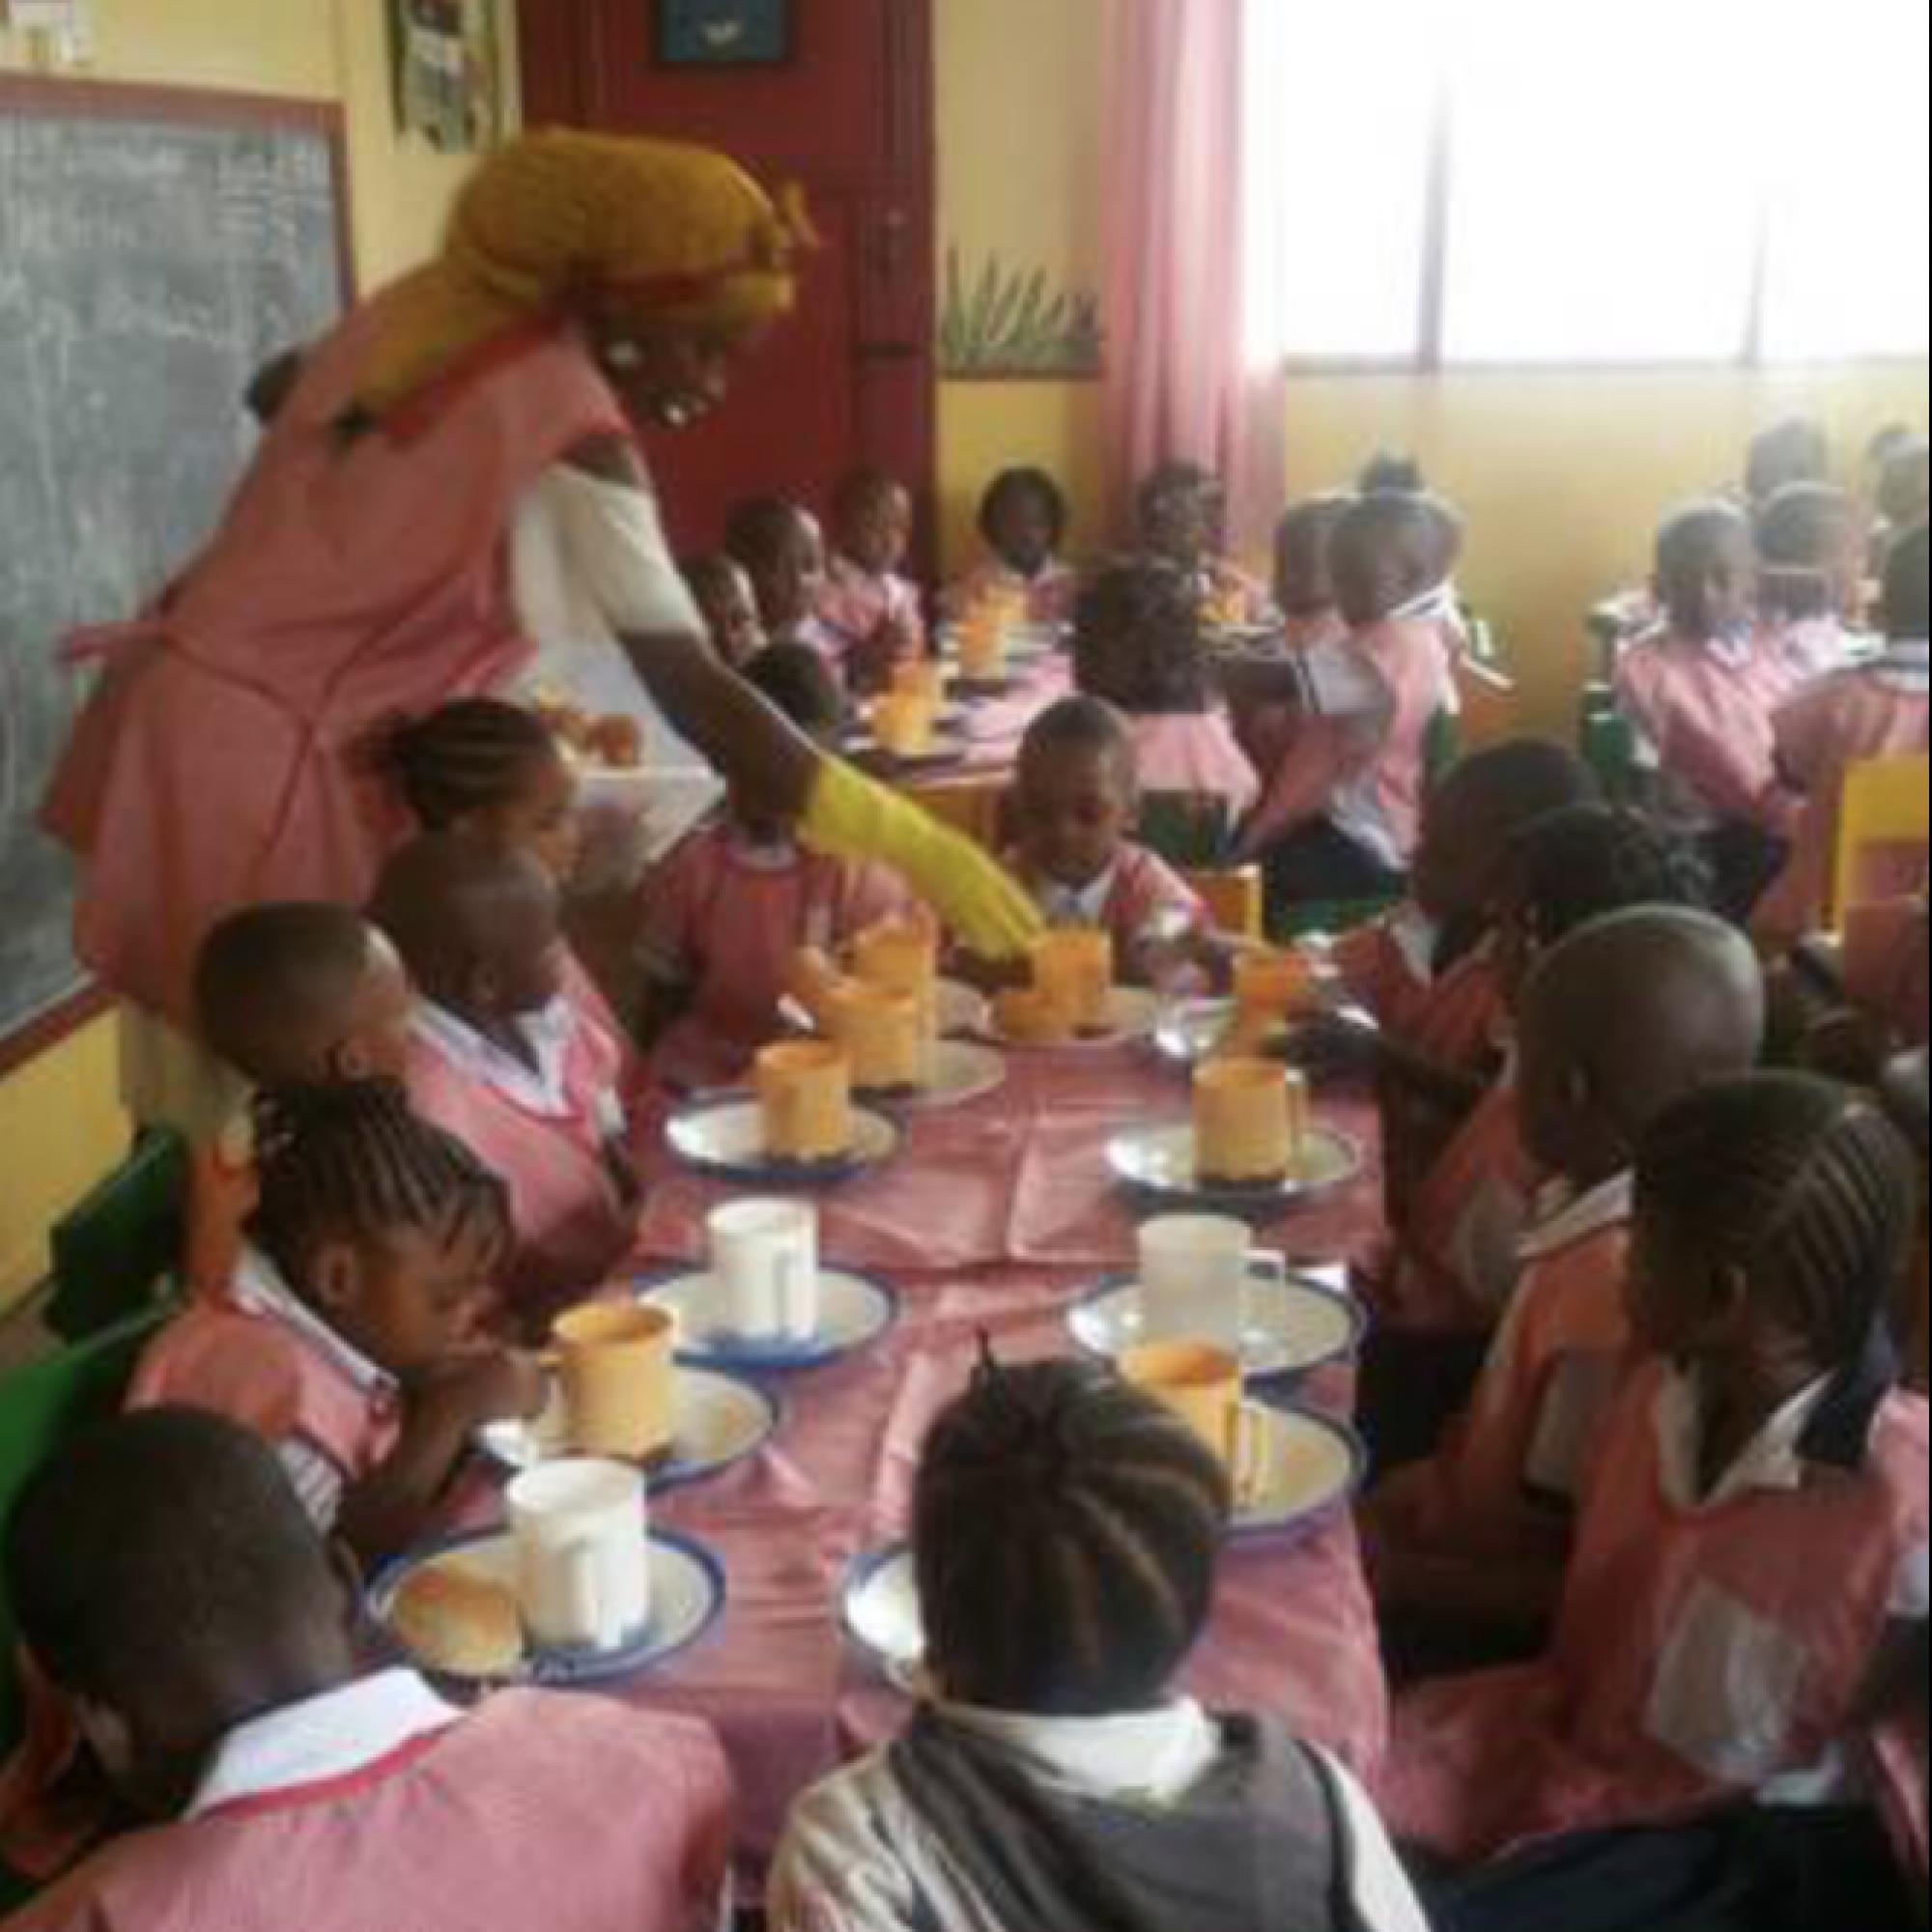 Großzügige Spende sichert ein Jahr lang tägliche Mahlzeit für Schulkinder